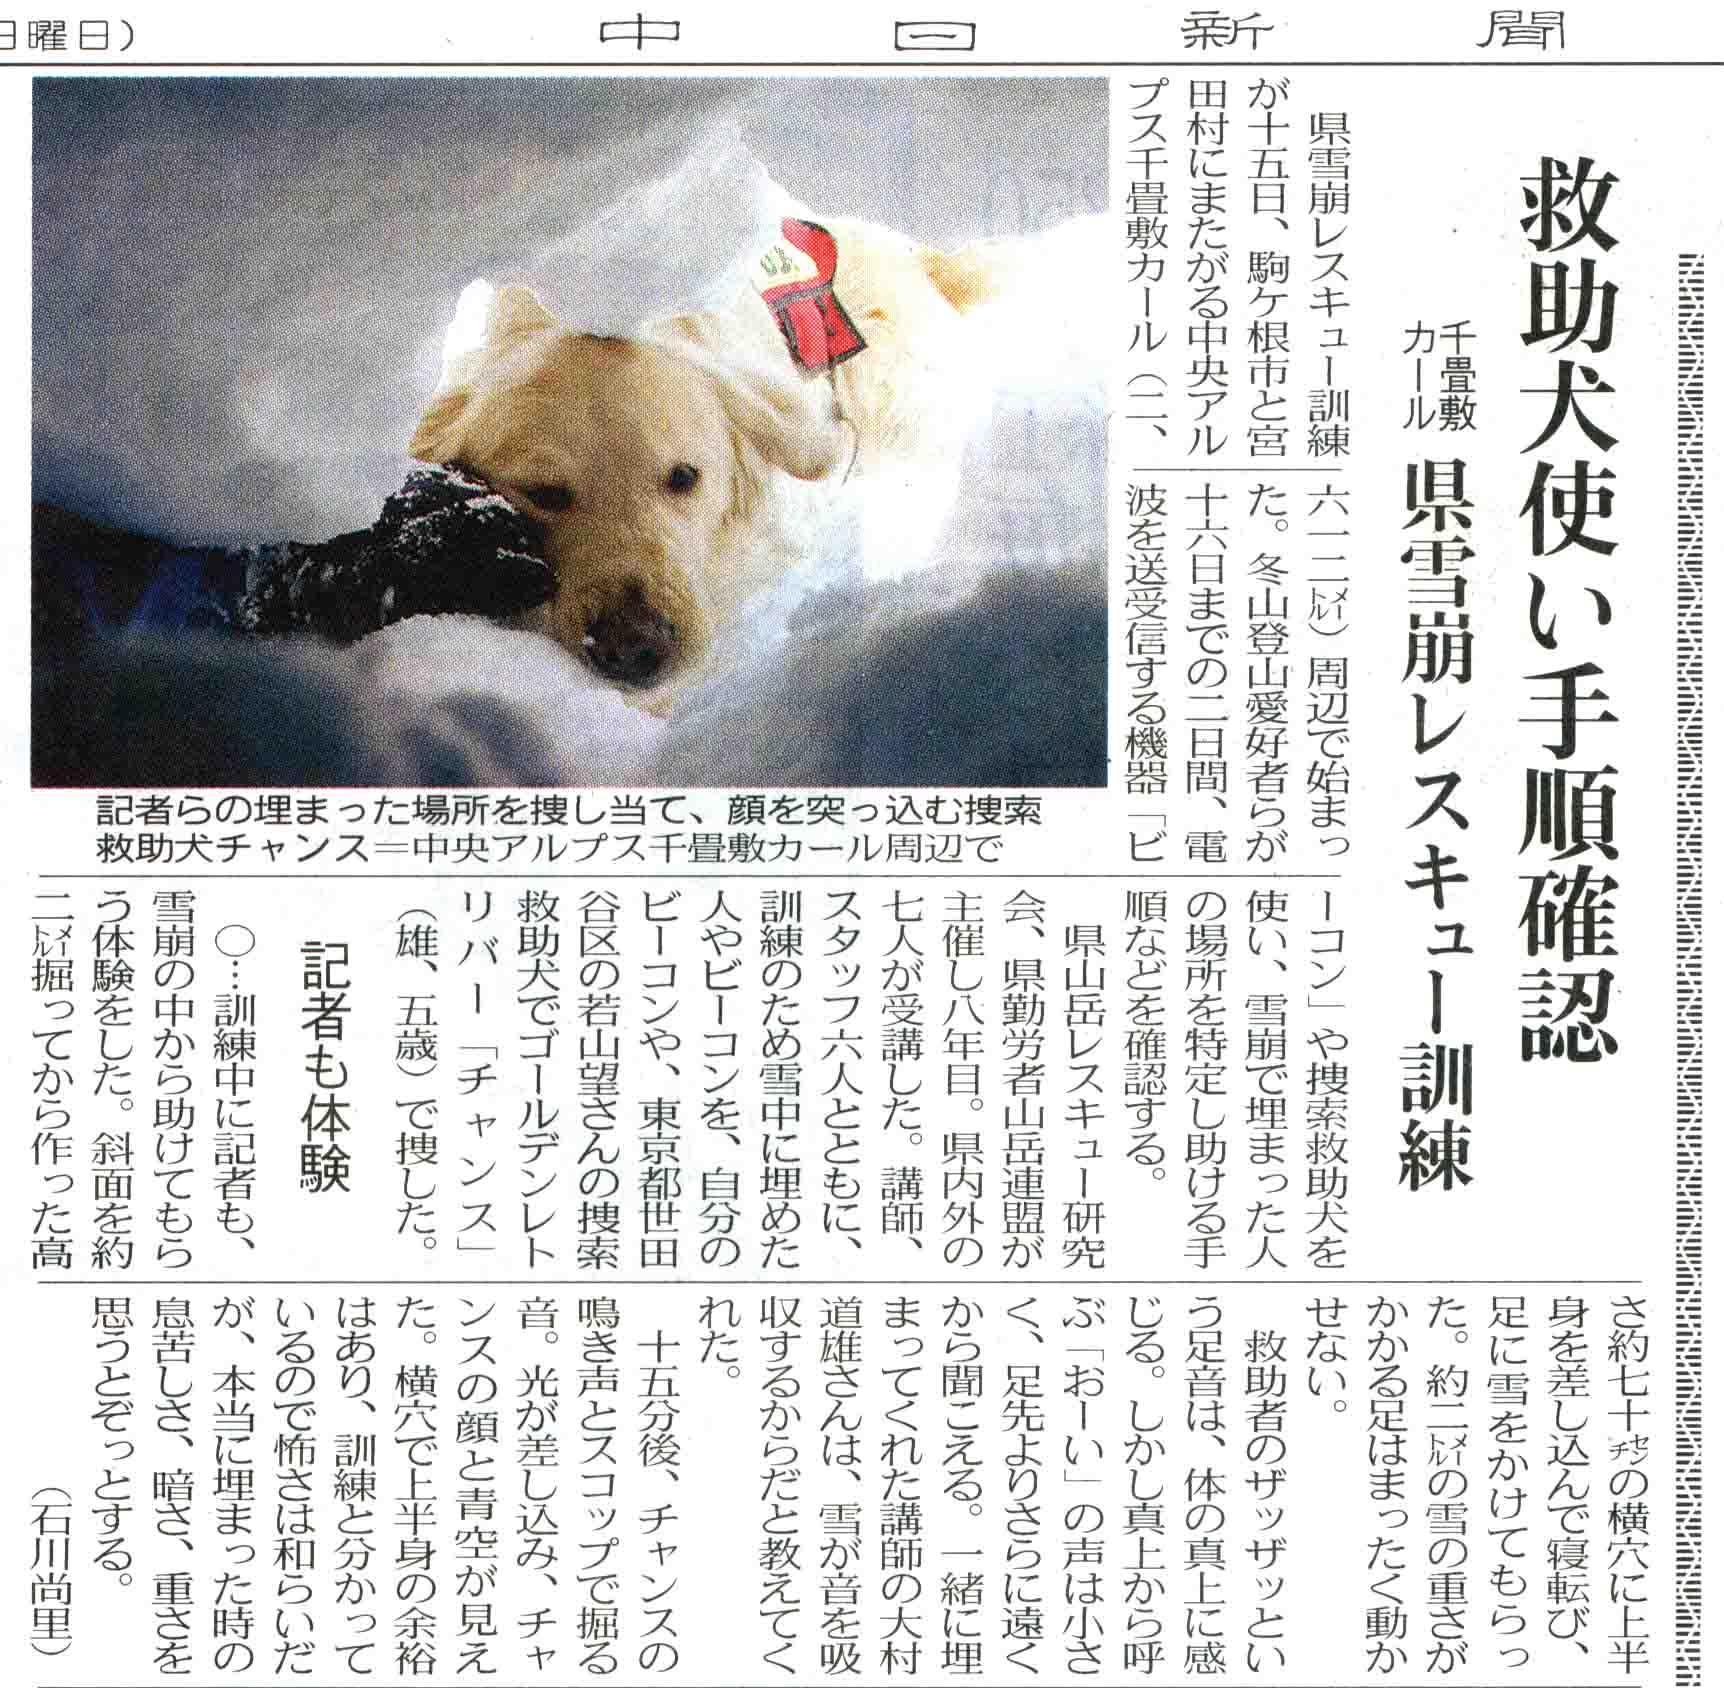 中日新聞掲載 切りぬきA